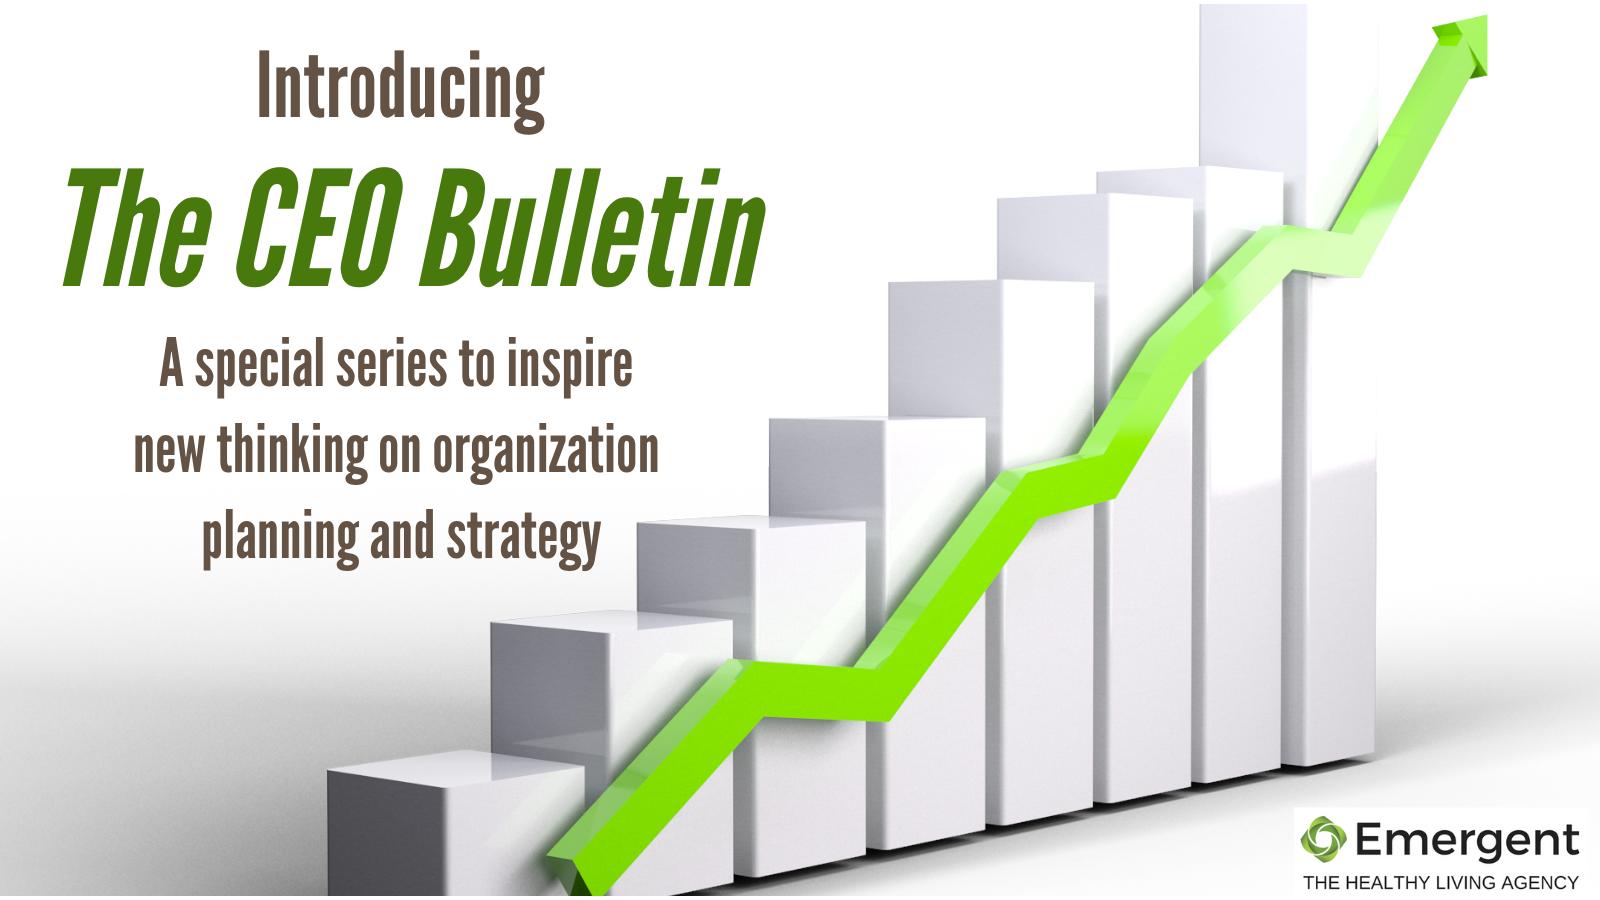 The CEO Bulletin